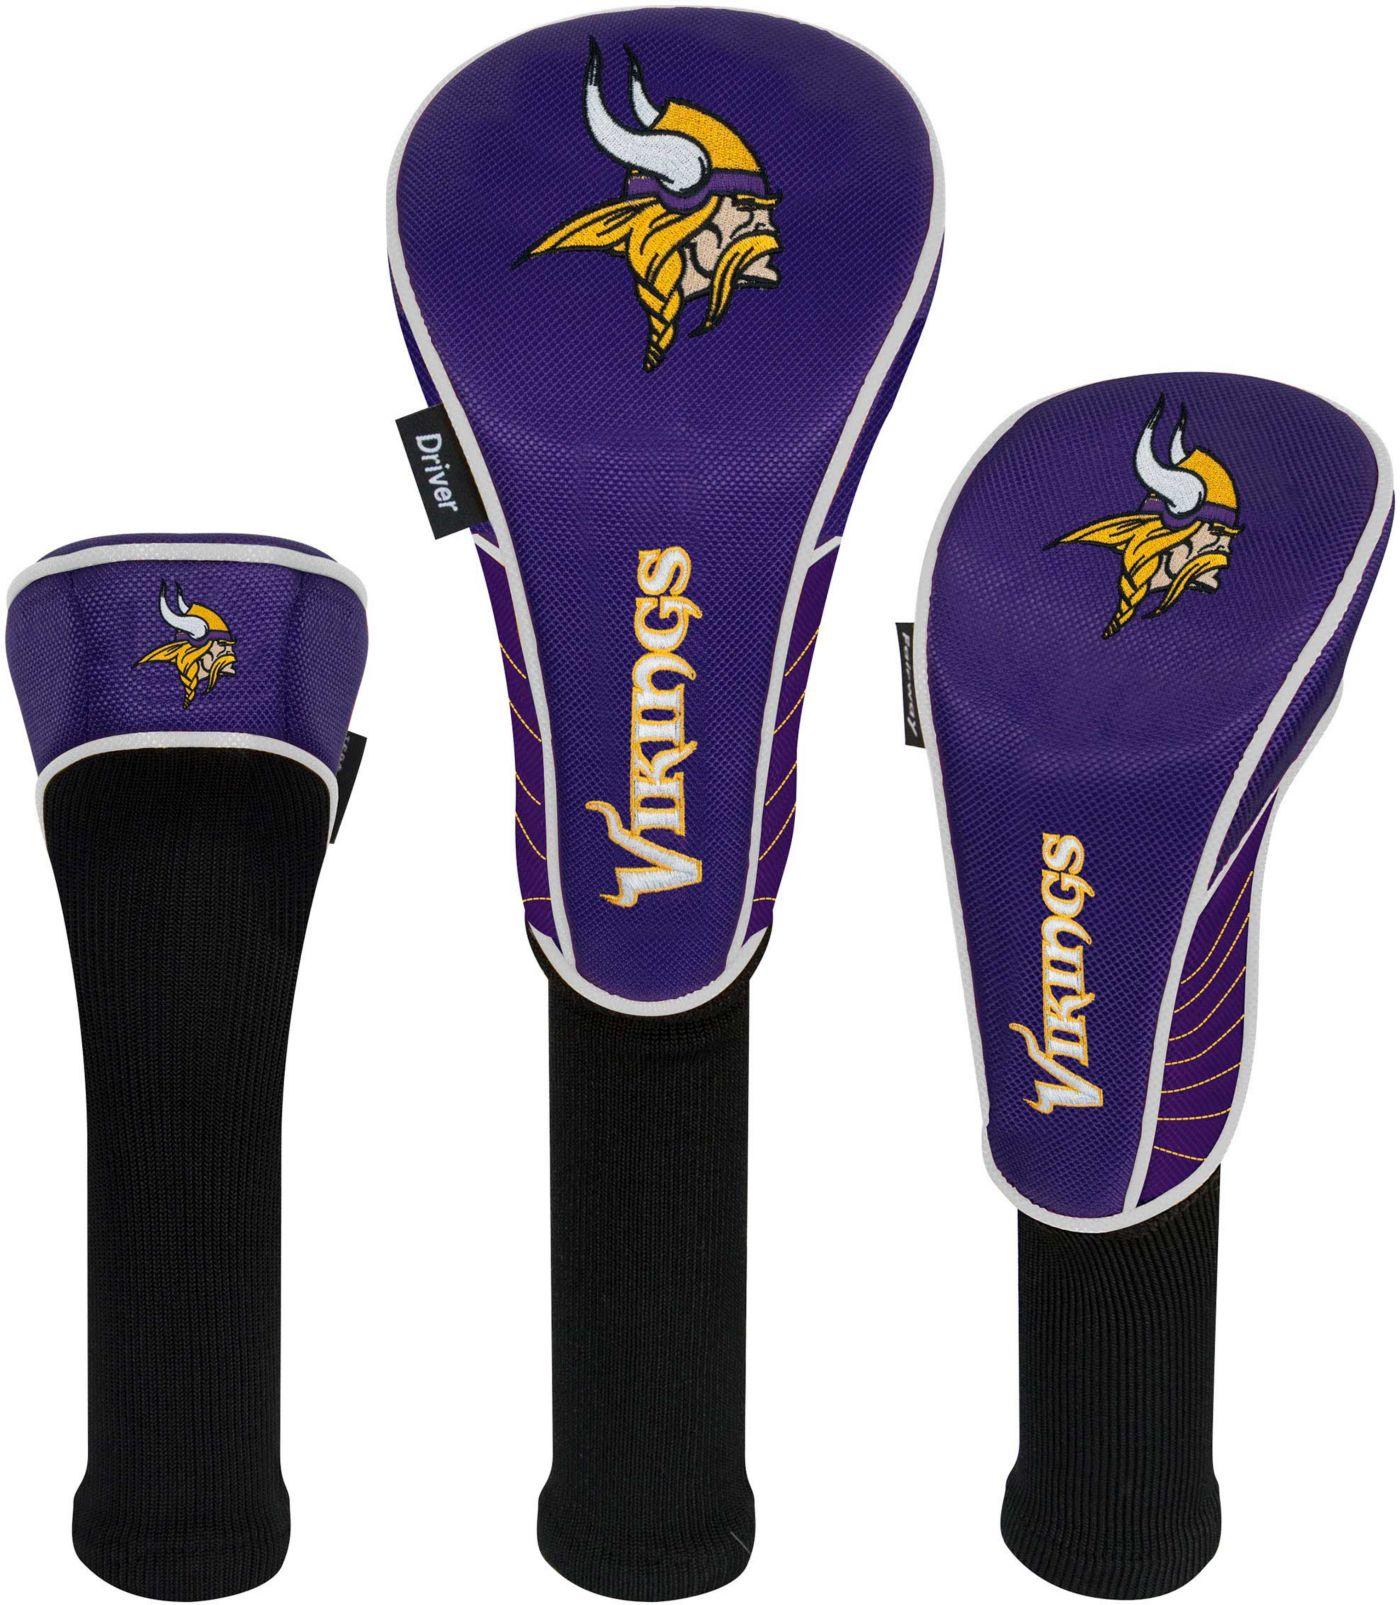 Team Effort Minnesota Vikings Headcovers - 3 Pack